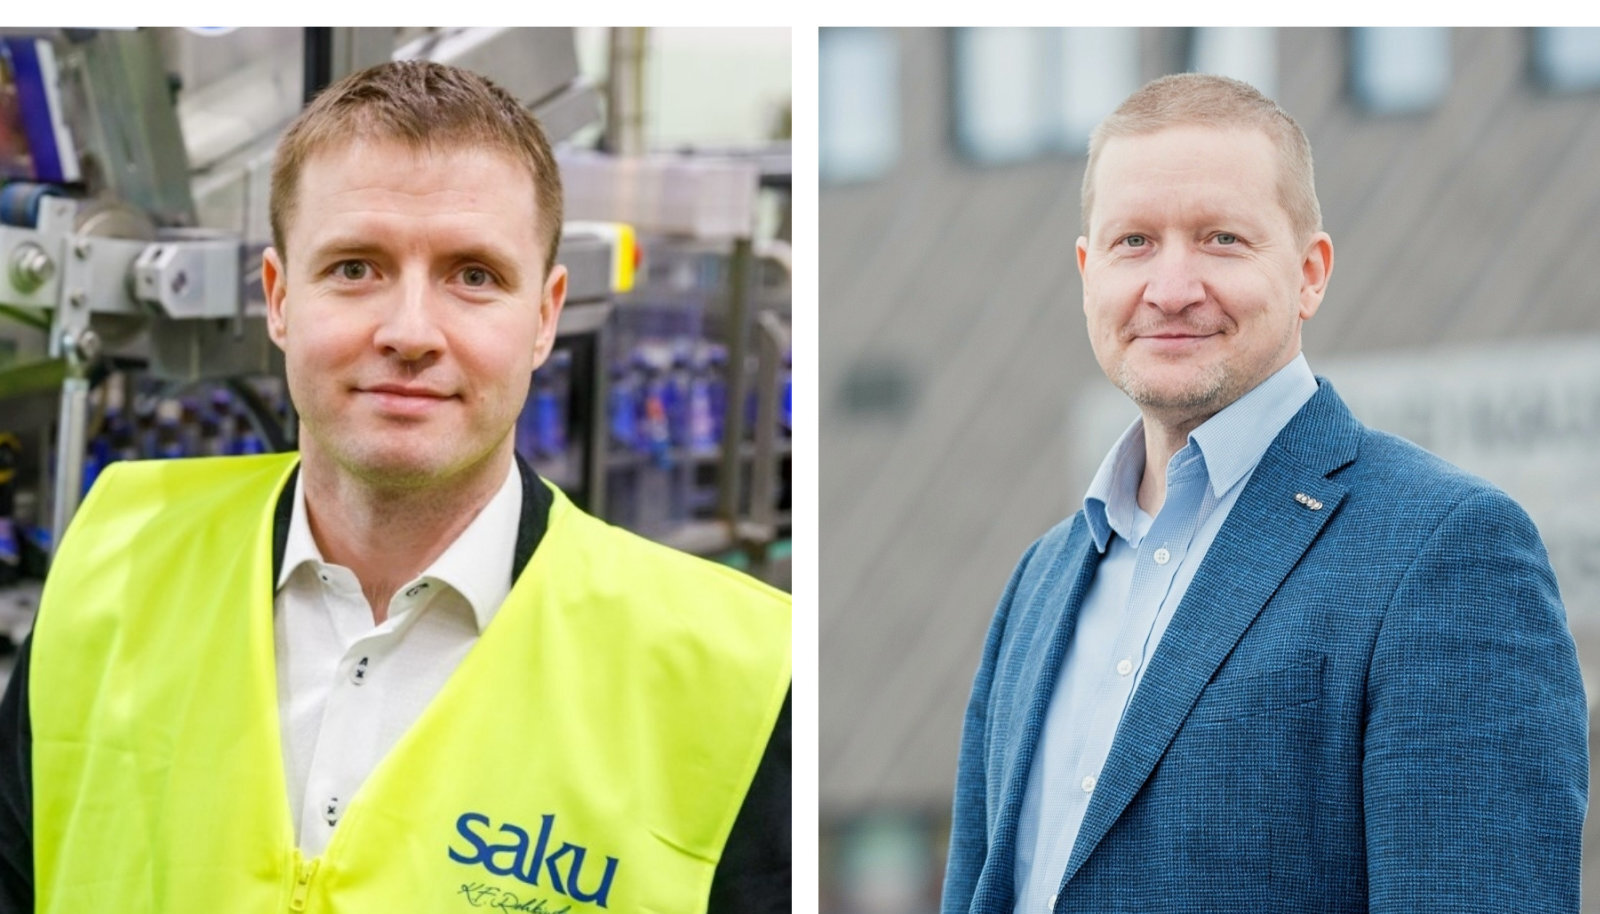 Joogitootja Saku Õlletehase juht Jaan Härms ja jaeketi Coop juht Alo Ivask.